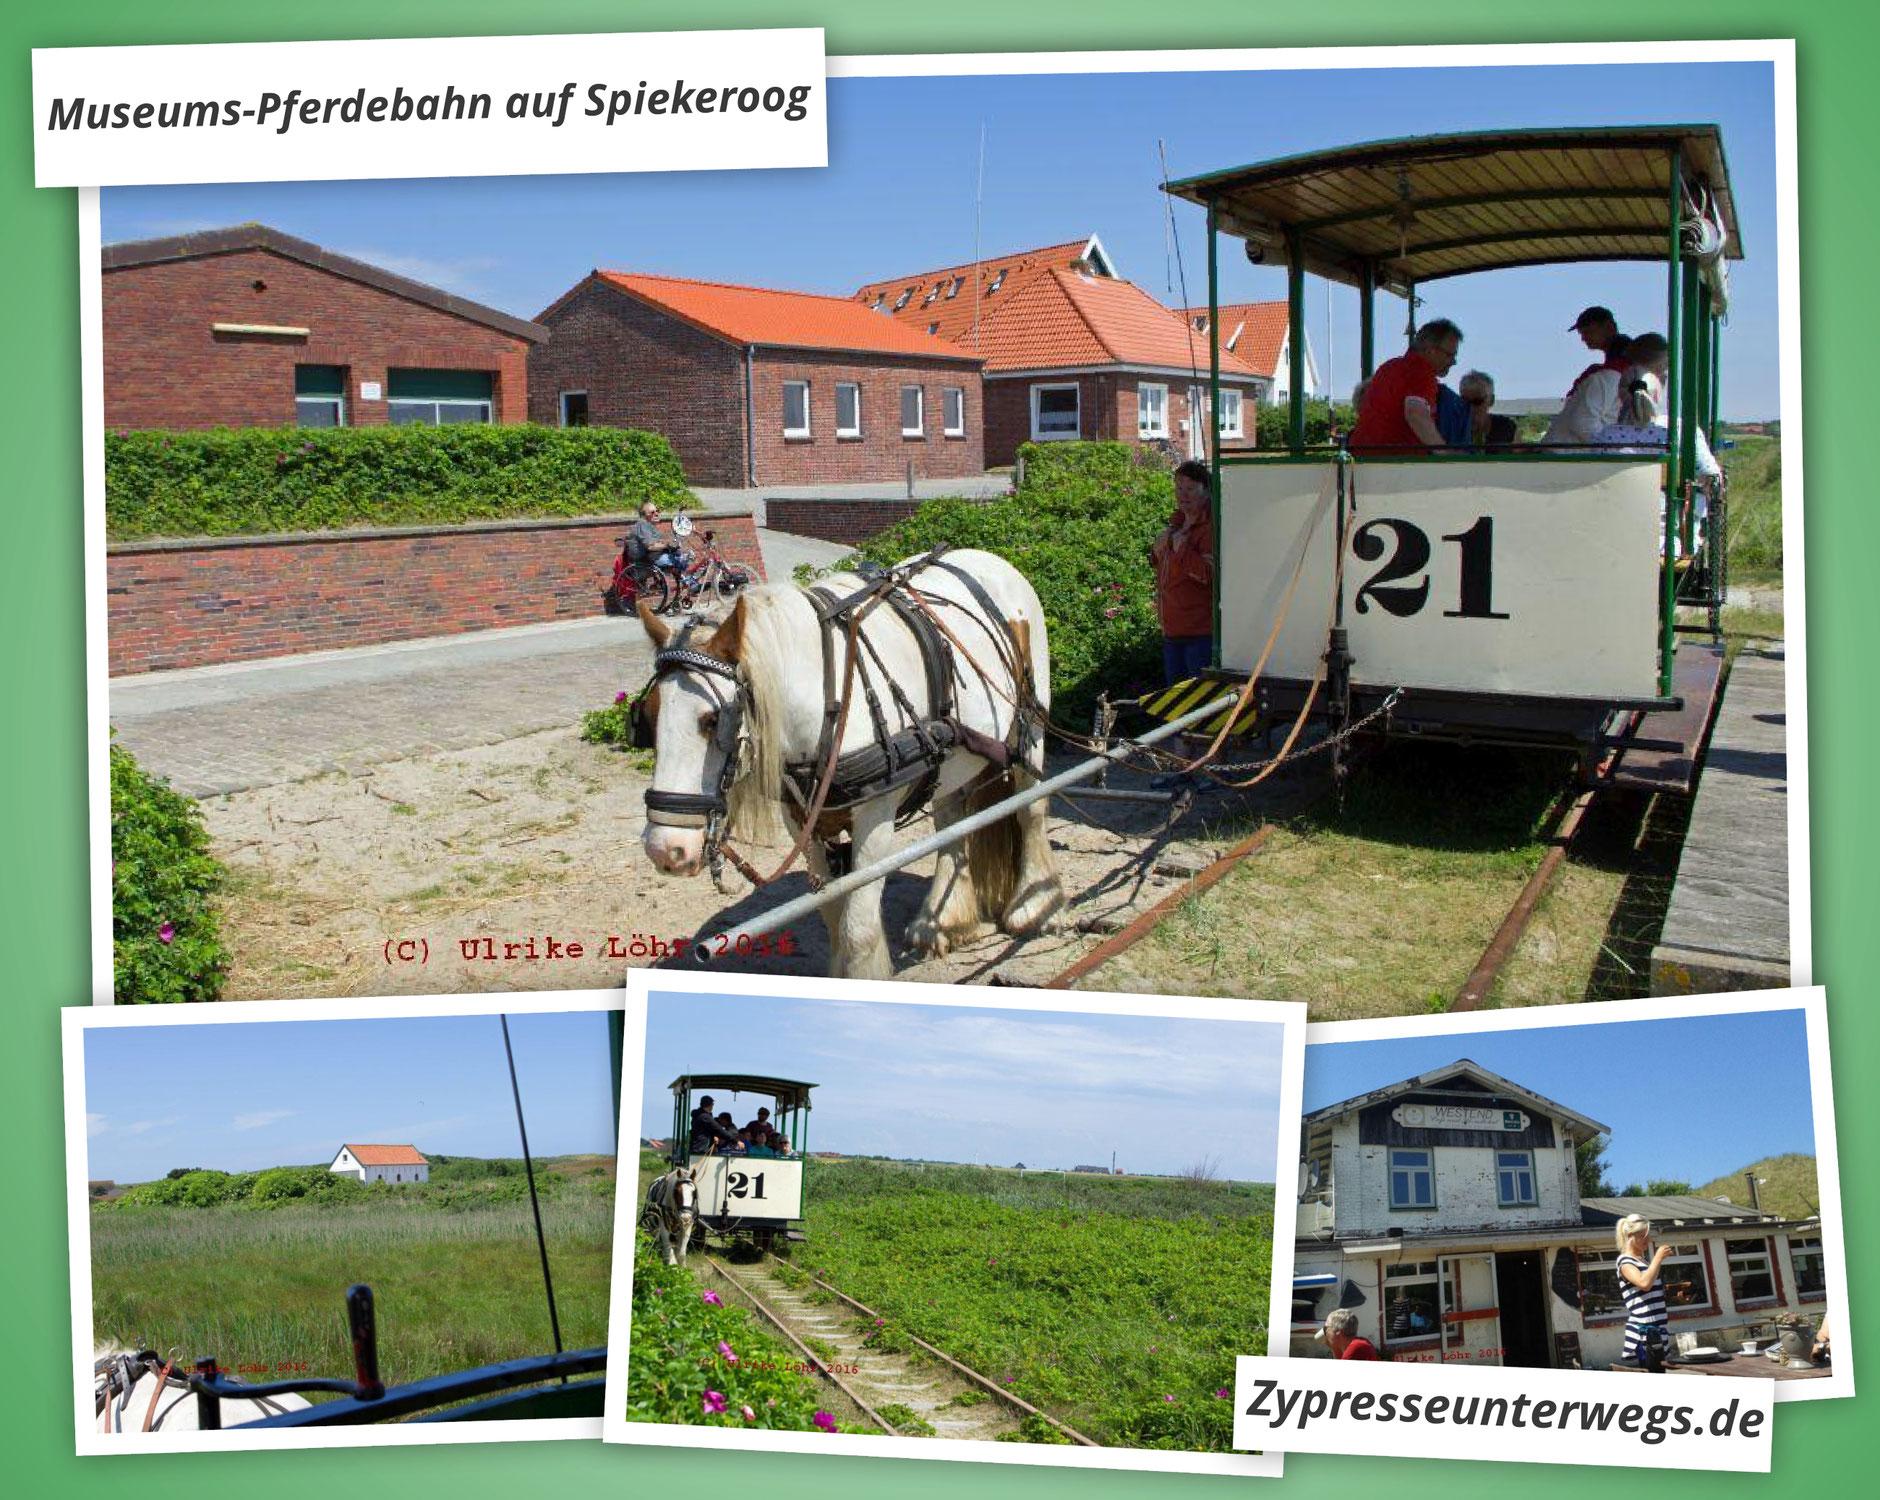 Die Museums-Pferdebahn auf Spiekeroog